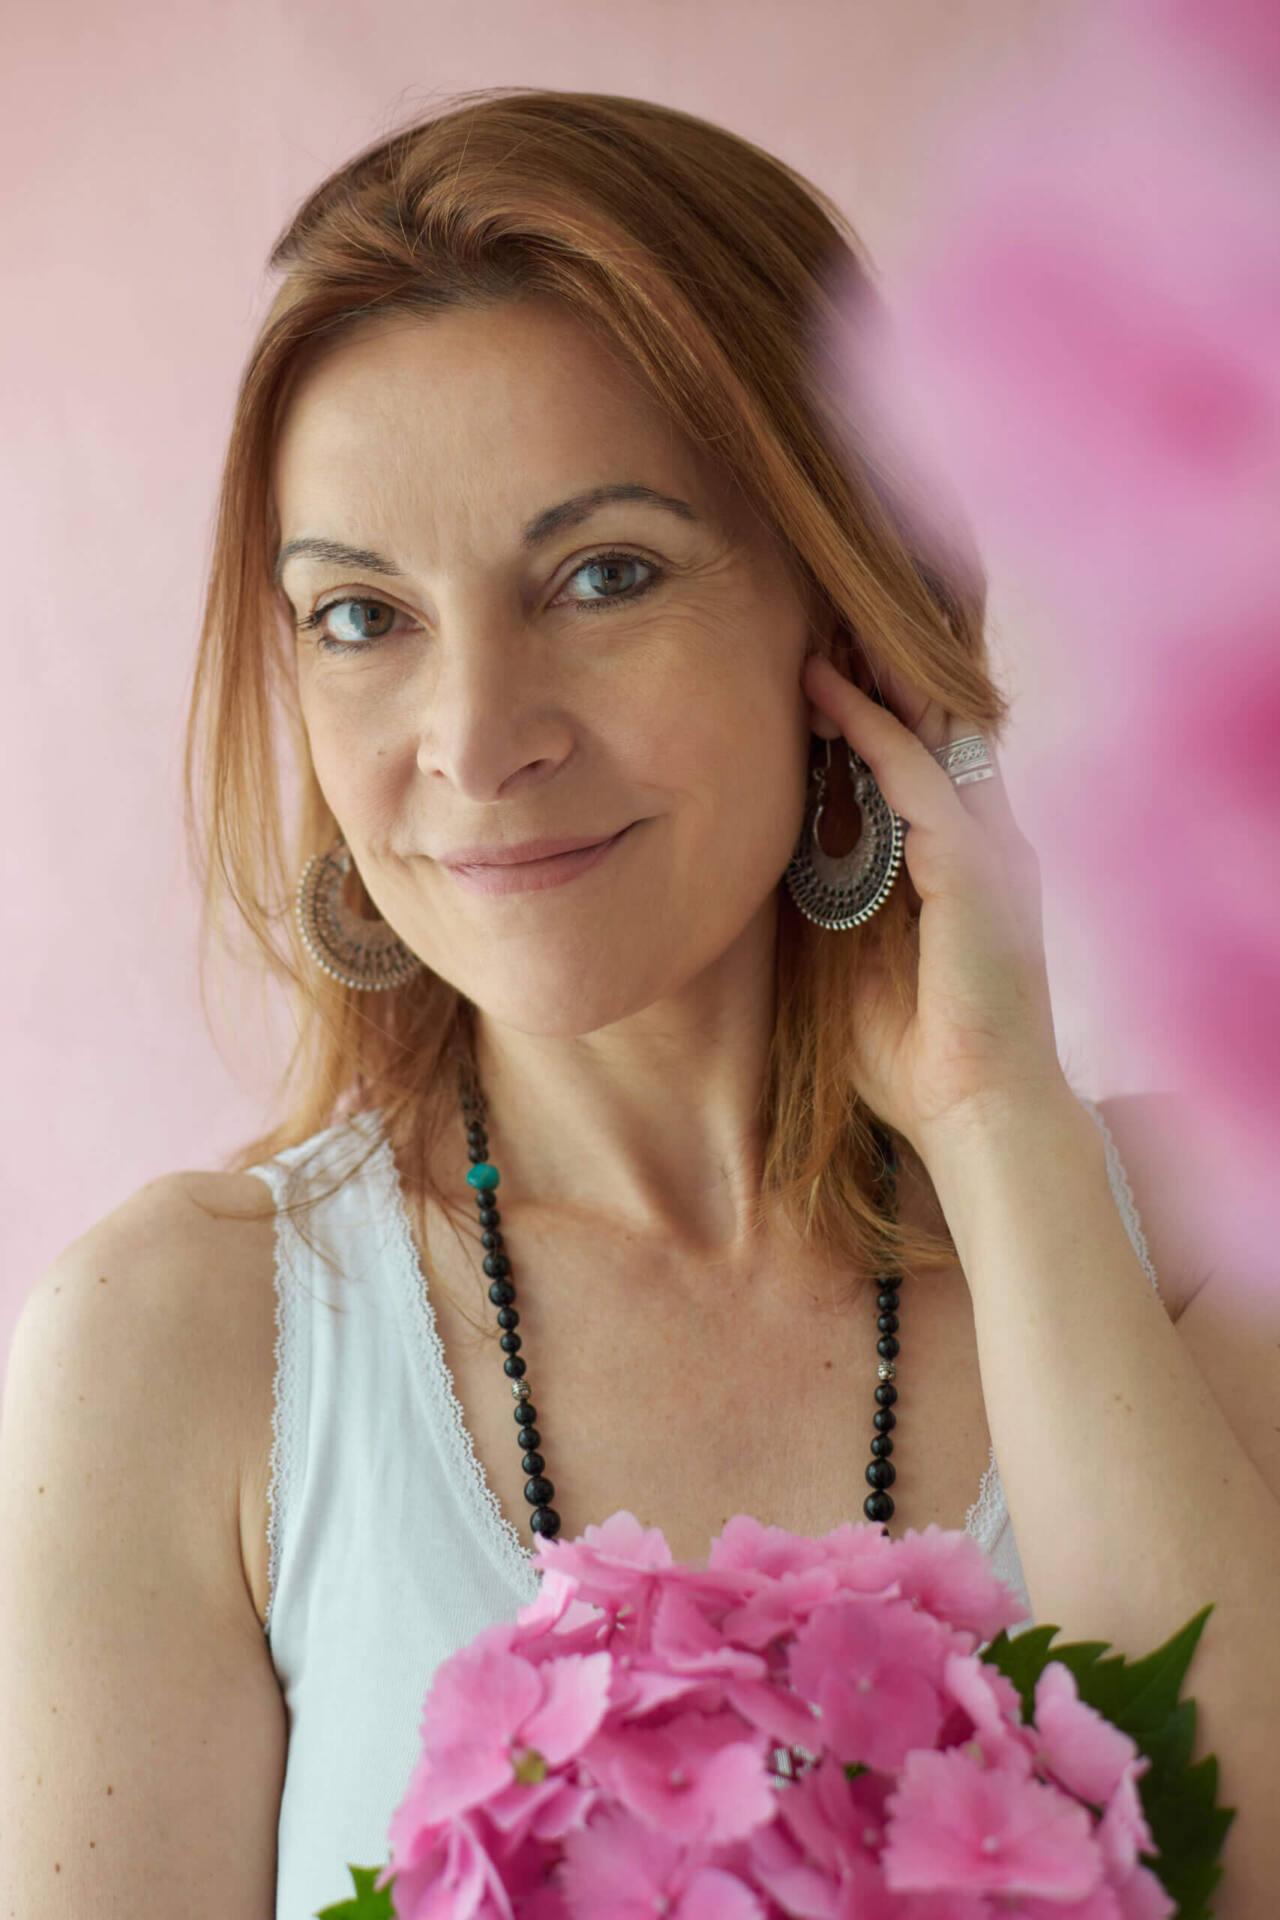 Portrait de femme avec fleurs